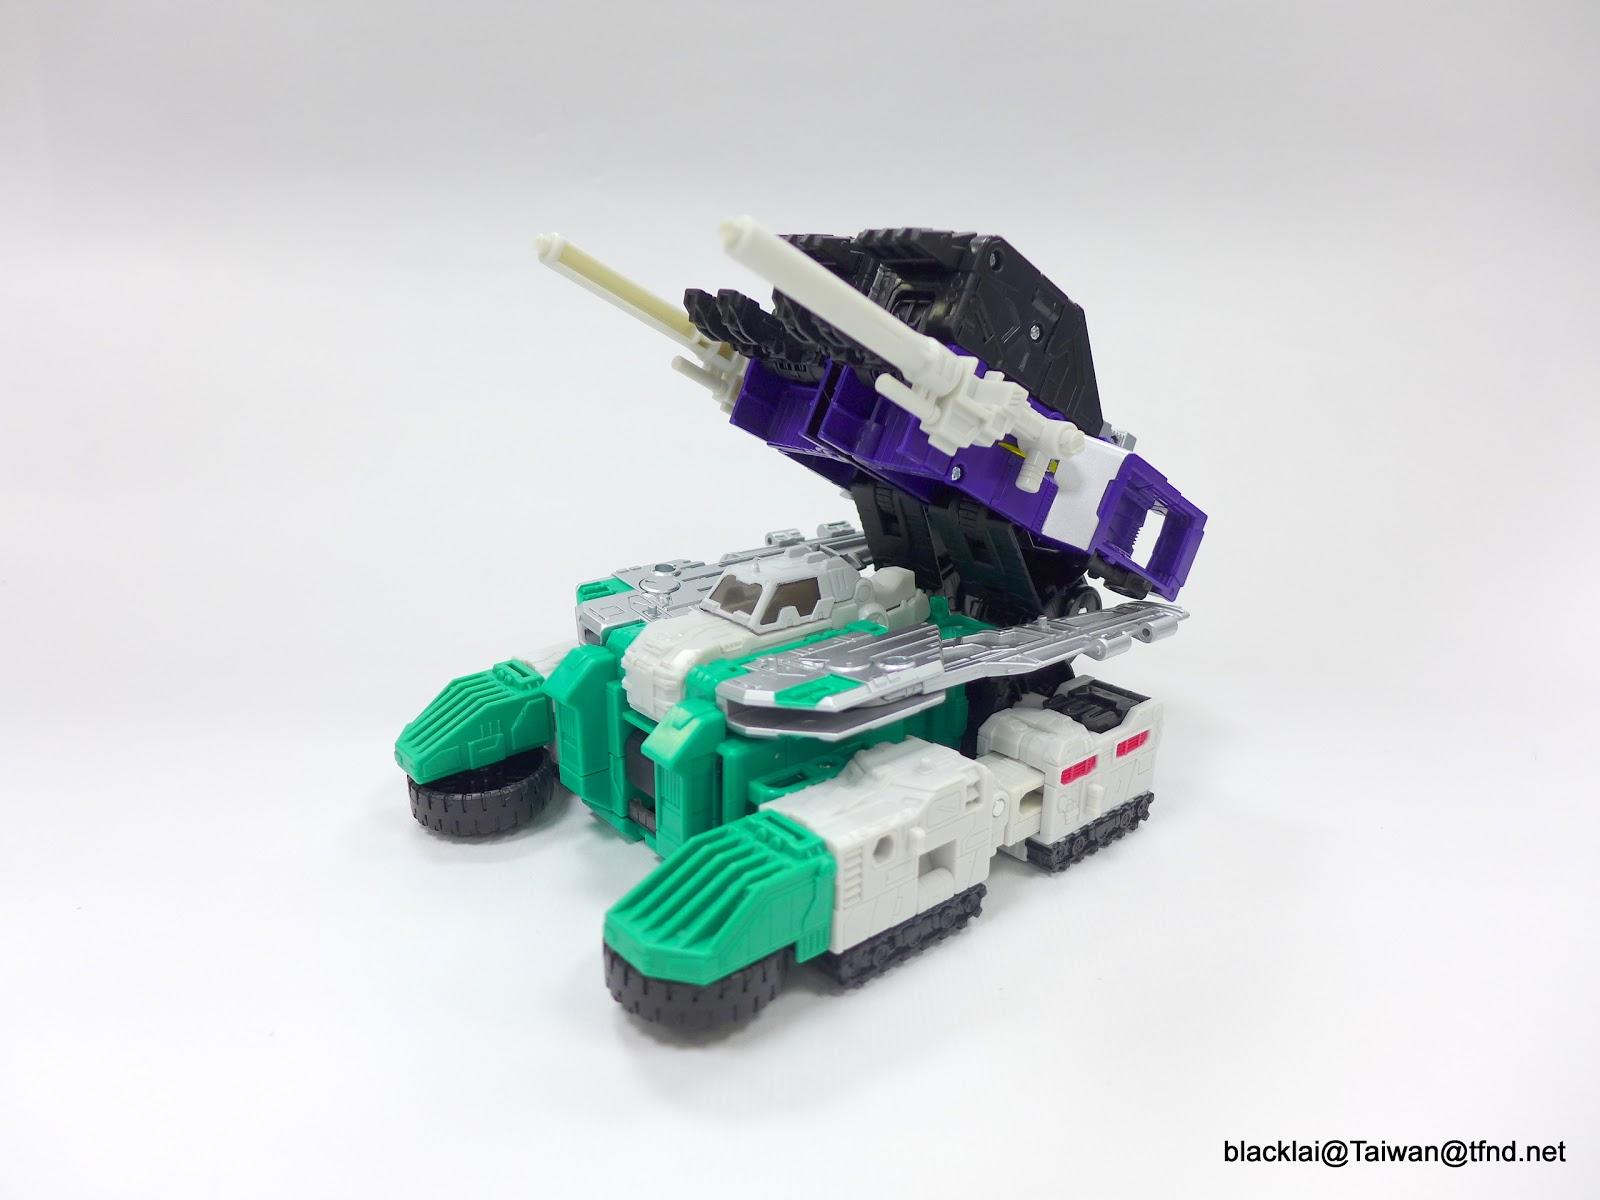 Jouets Transformers Generations: Nouveautés Hasbro - partie 2 - Page 40 P1500982